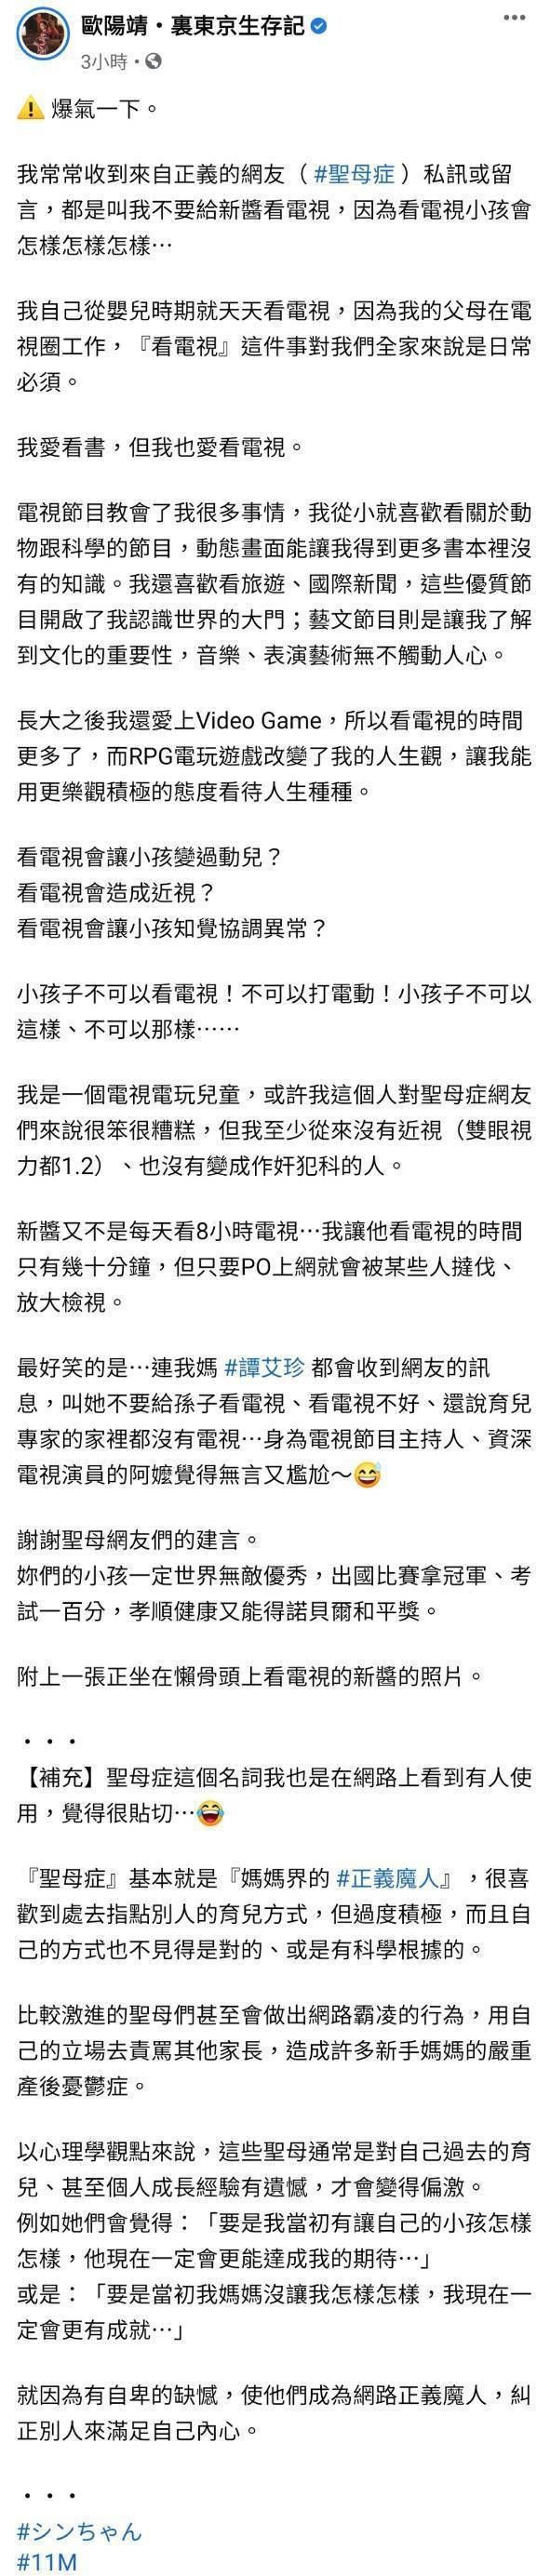 歐陽靖被網友指責兒子看電視會變過動兒,臉書回嗆。圖/擷自臉書